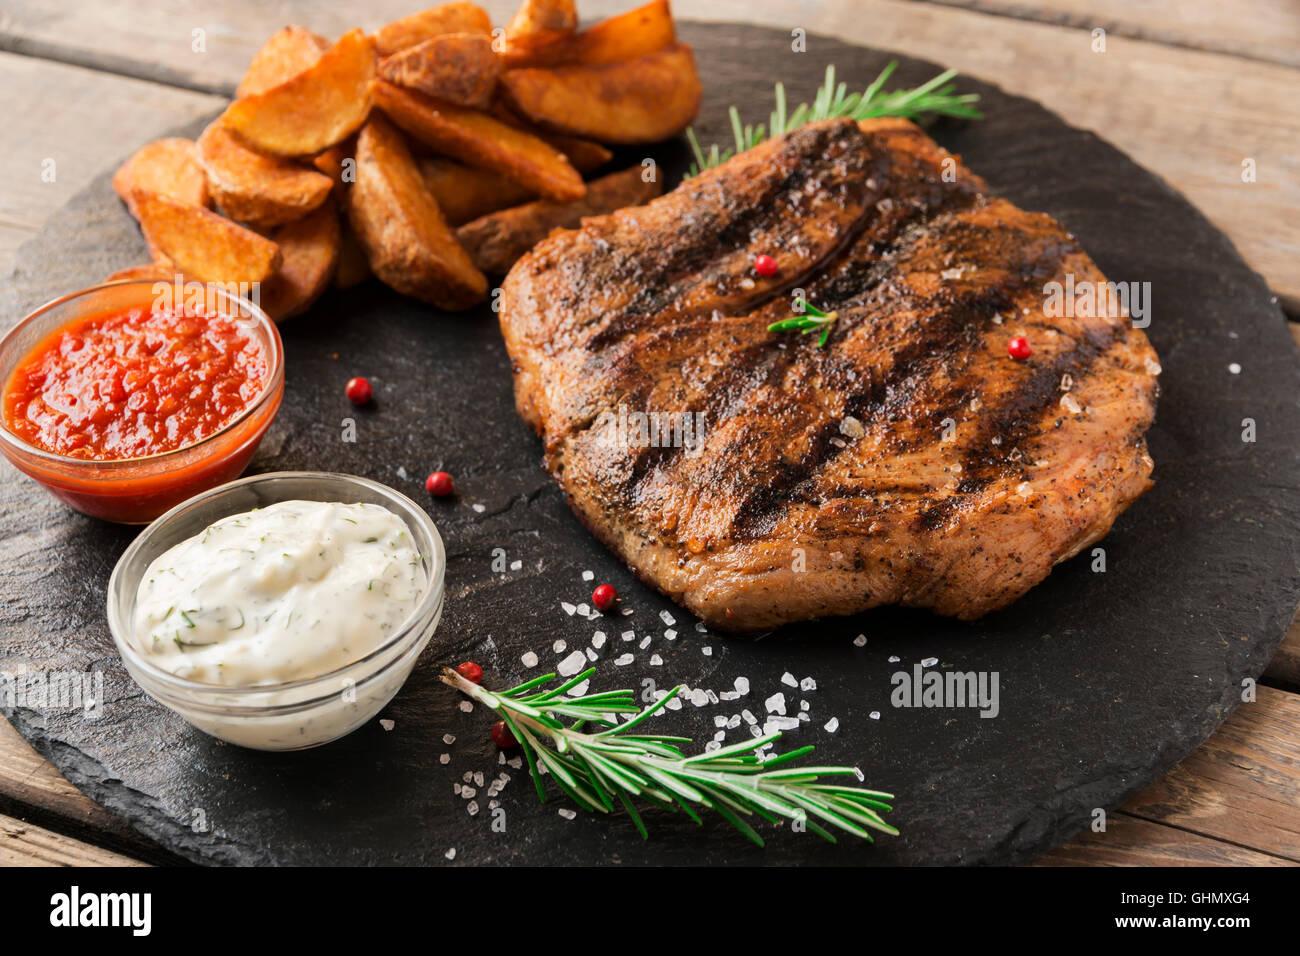 Bistecca con patate al forno e salsa Immagini Stock